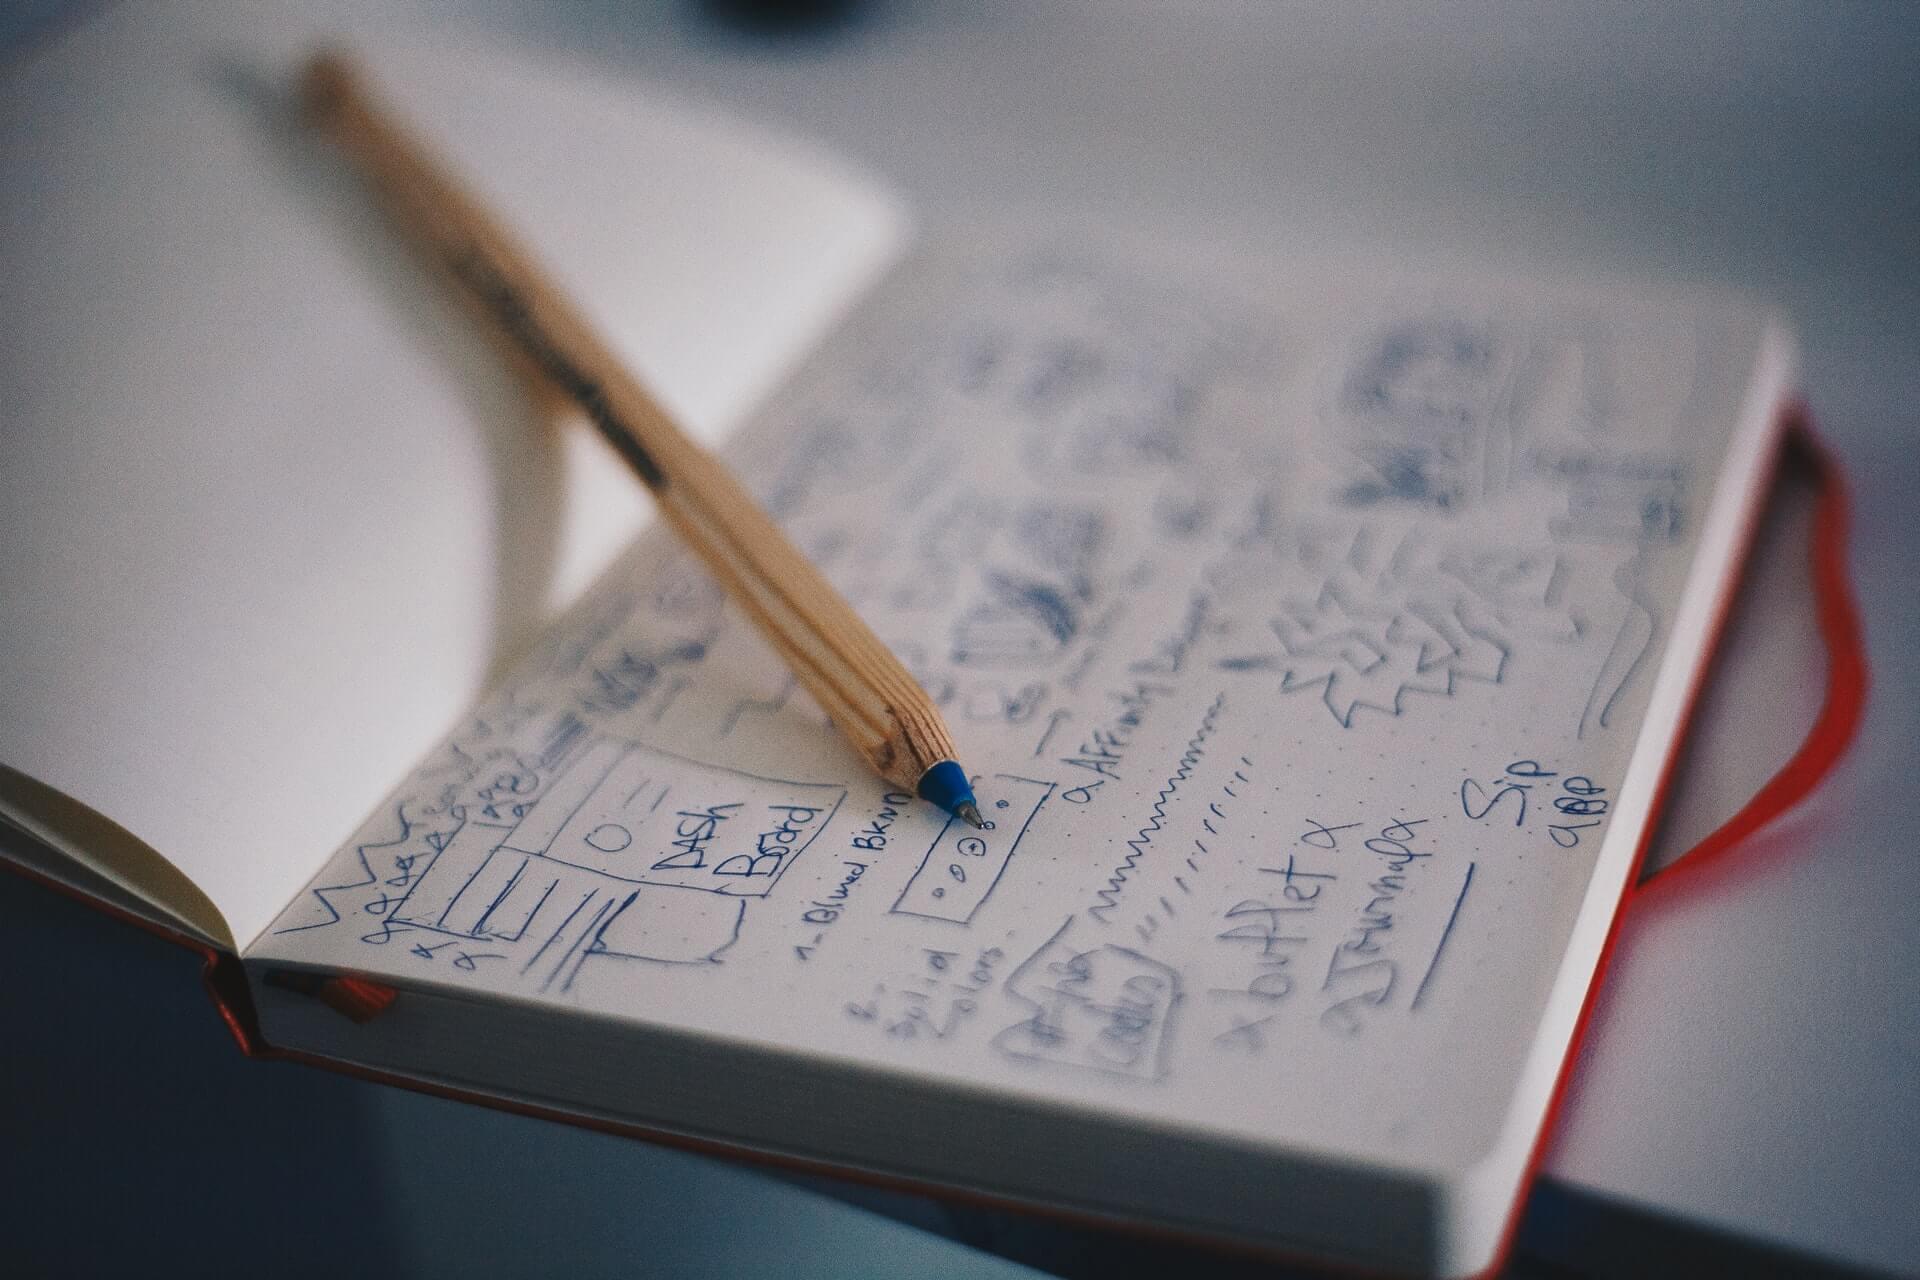 企業の目標やコンセプト、TRUSTのオフィスデザインはそれらを形にする